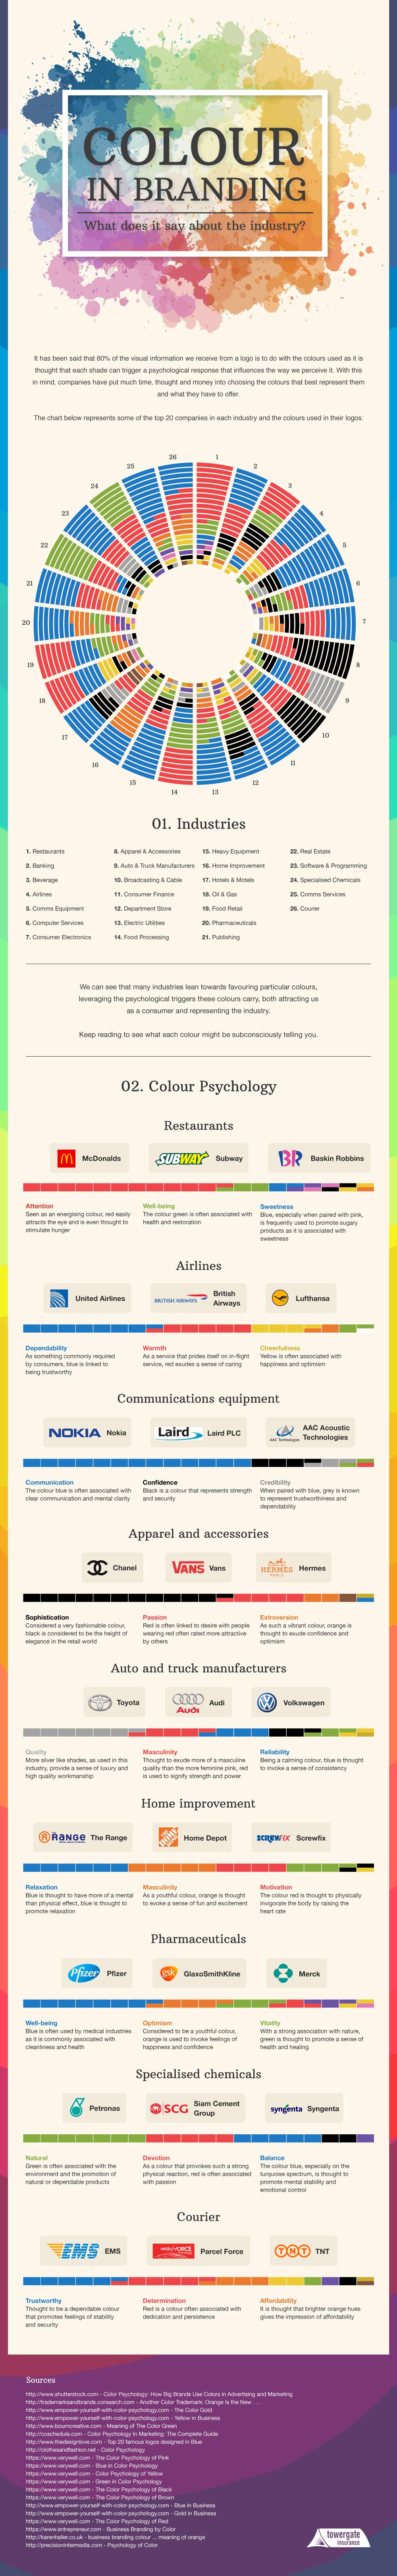 Nostromo, agence de communication, explique le sens des couleurs pour le marketing